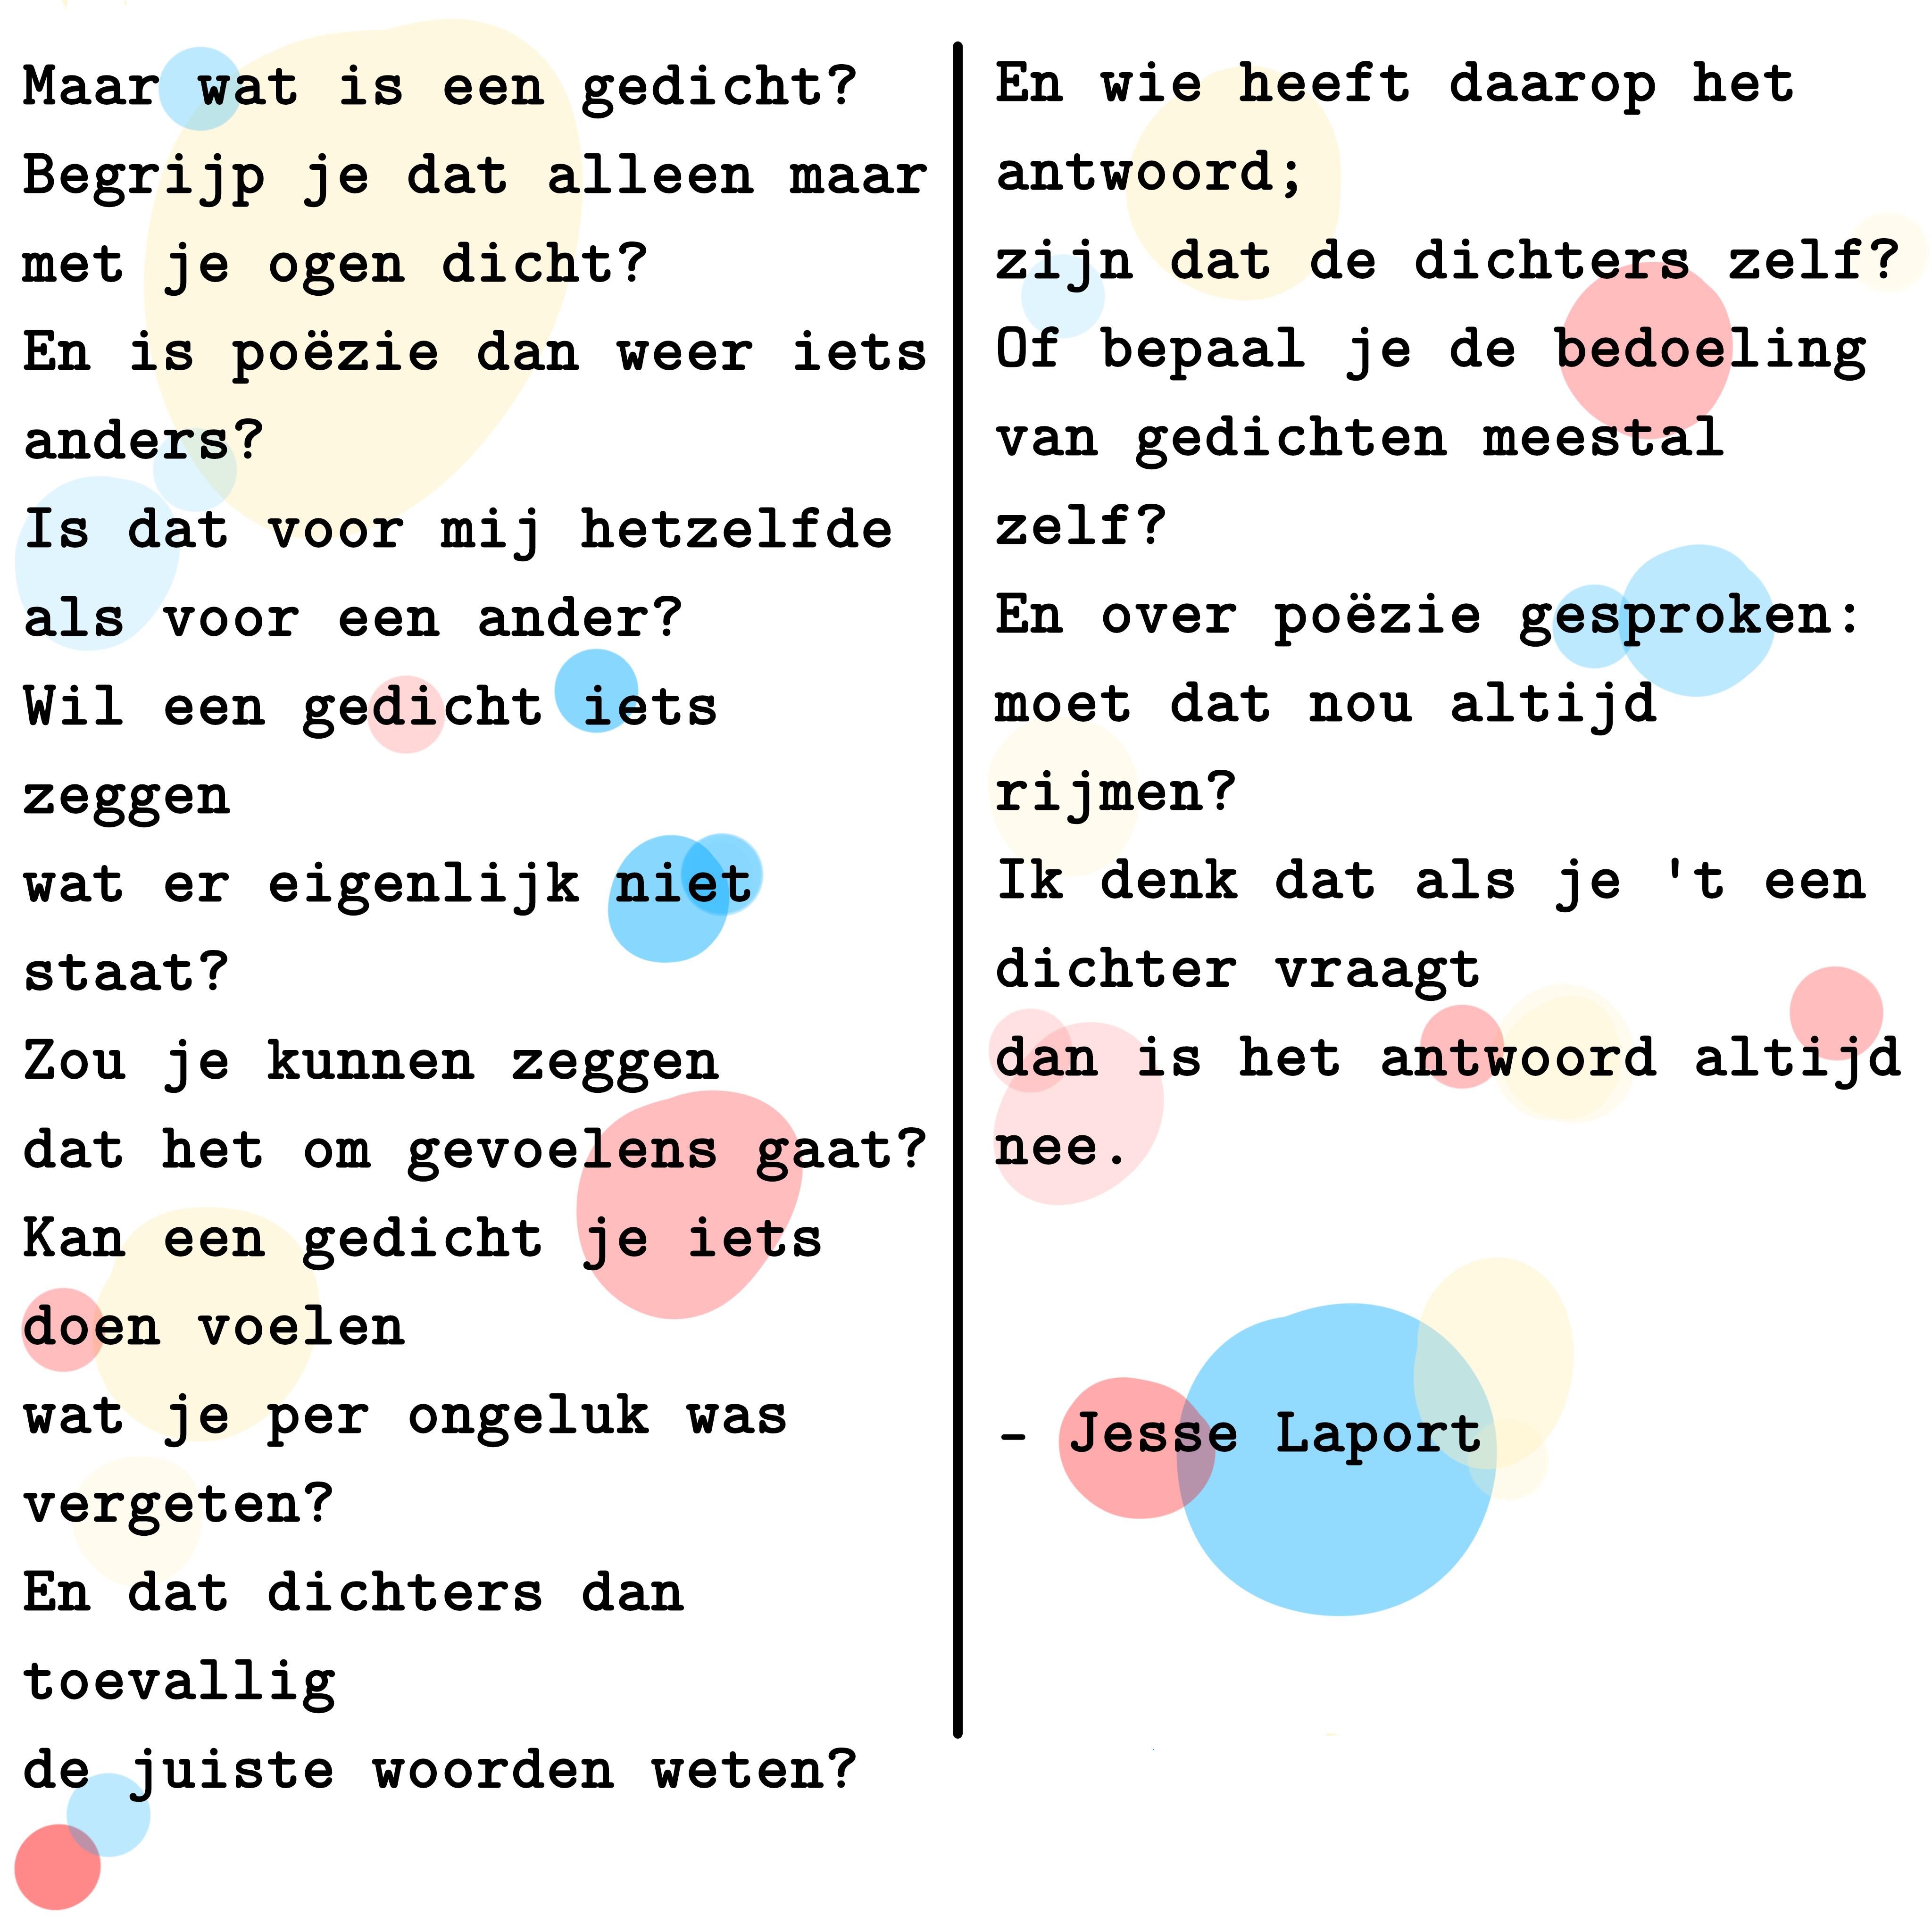 poëzie, spoken word, stadsdichter, jesse laport, arnhem, amsterdam, gedicht, dichten, dichter, instagrampoëzie, instagrampoezie, cadeau